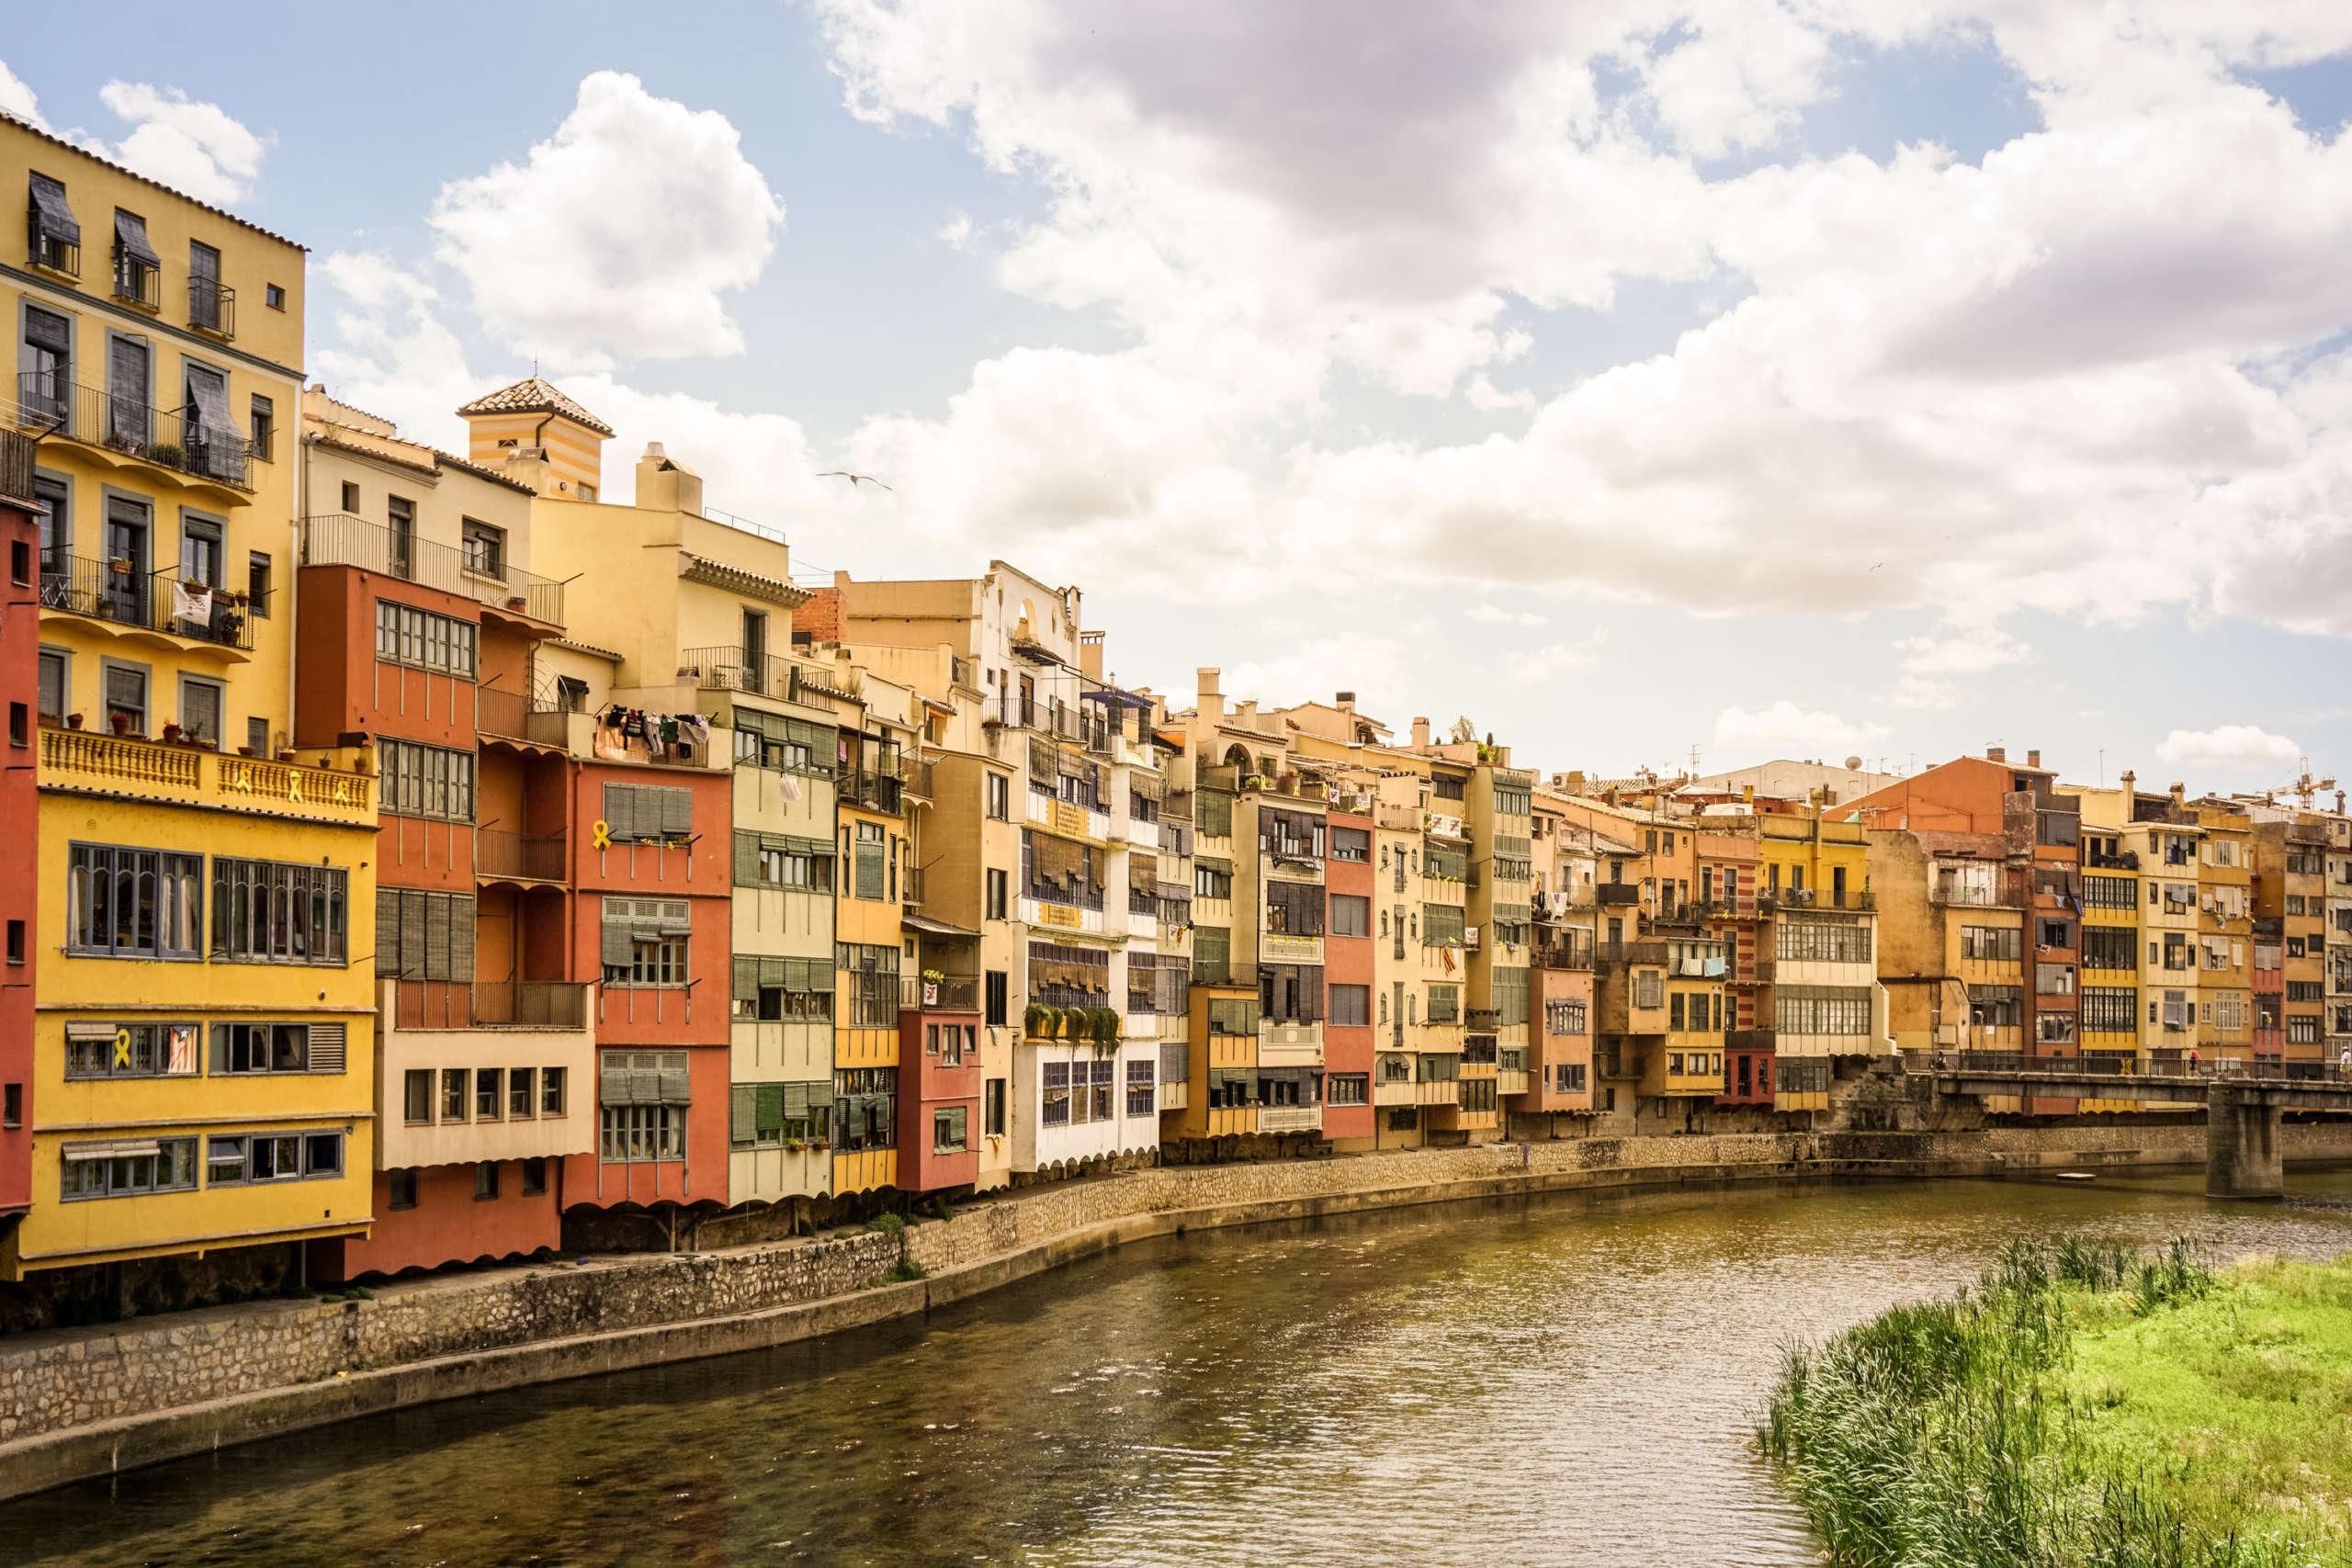 Häuserfassade am Fluss Onyar in Girona